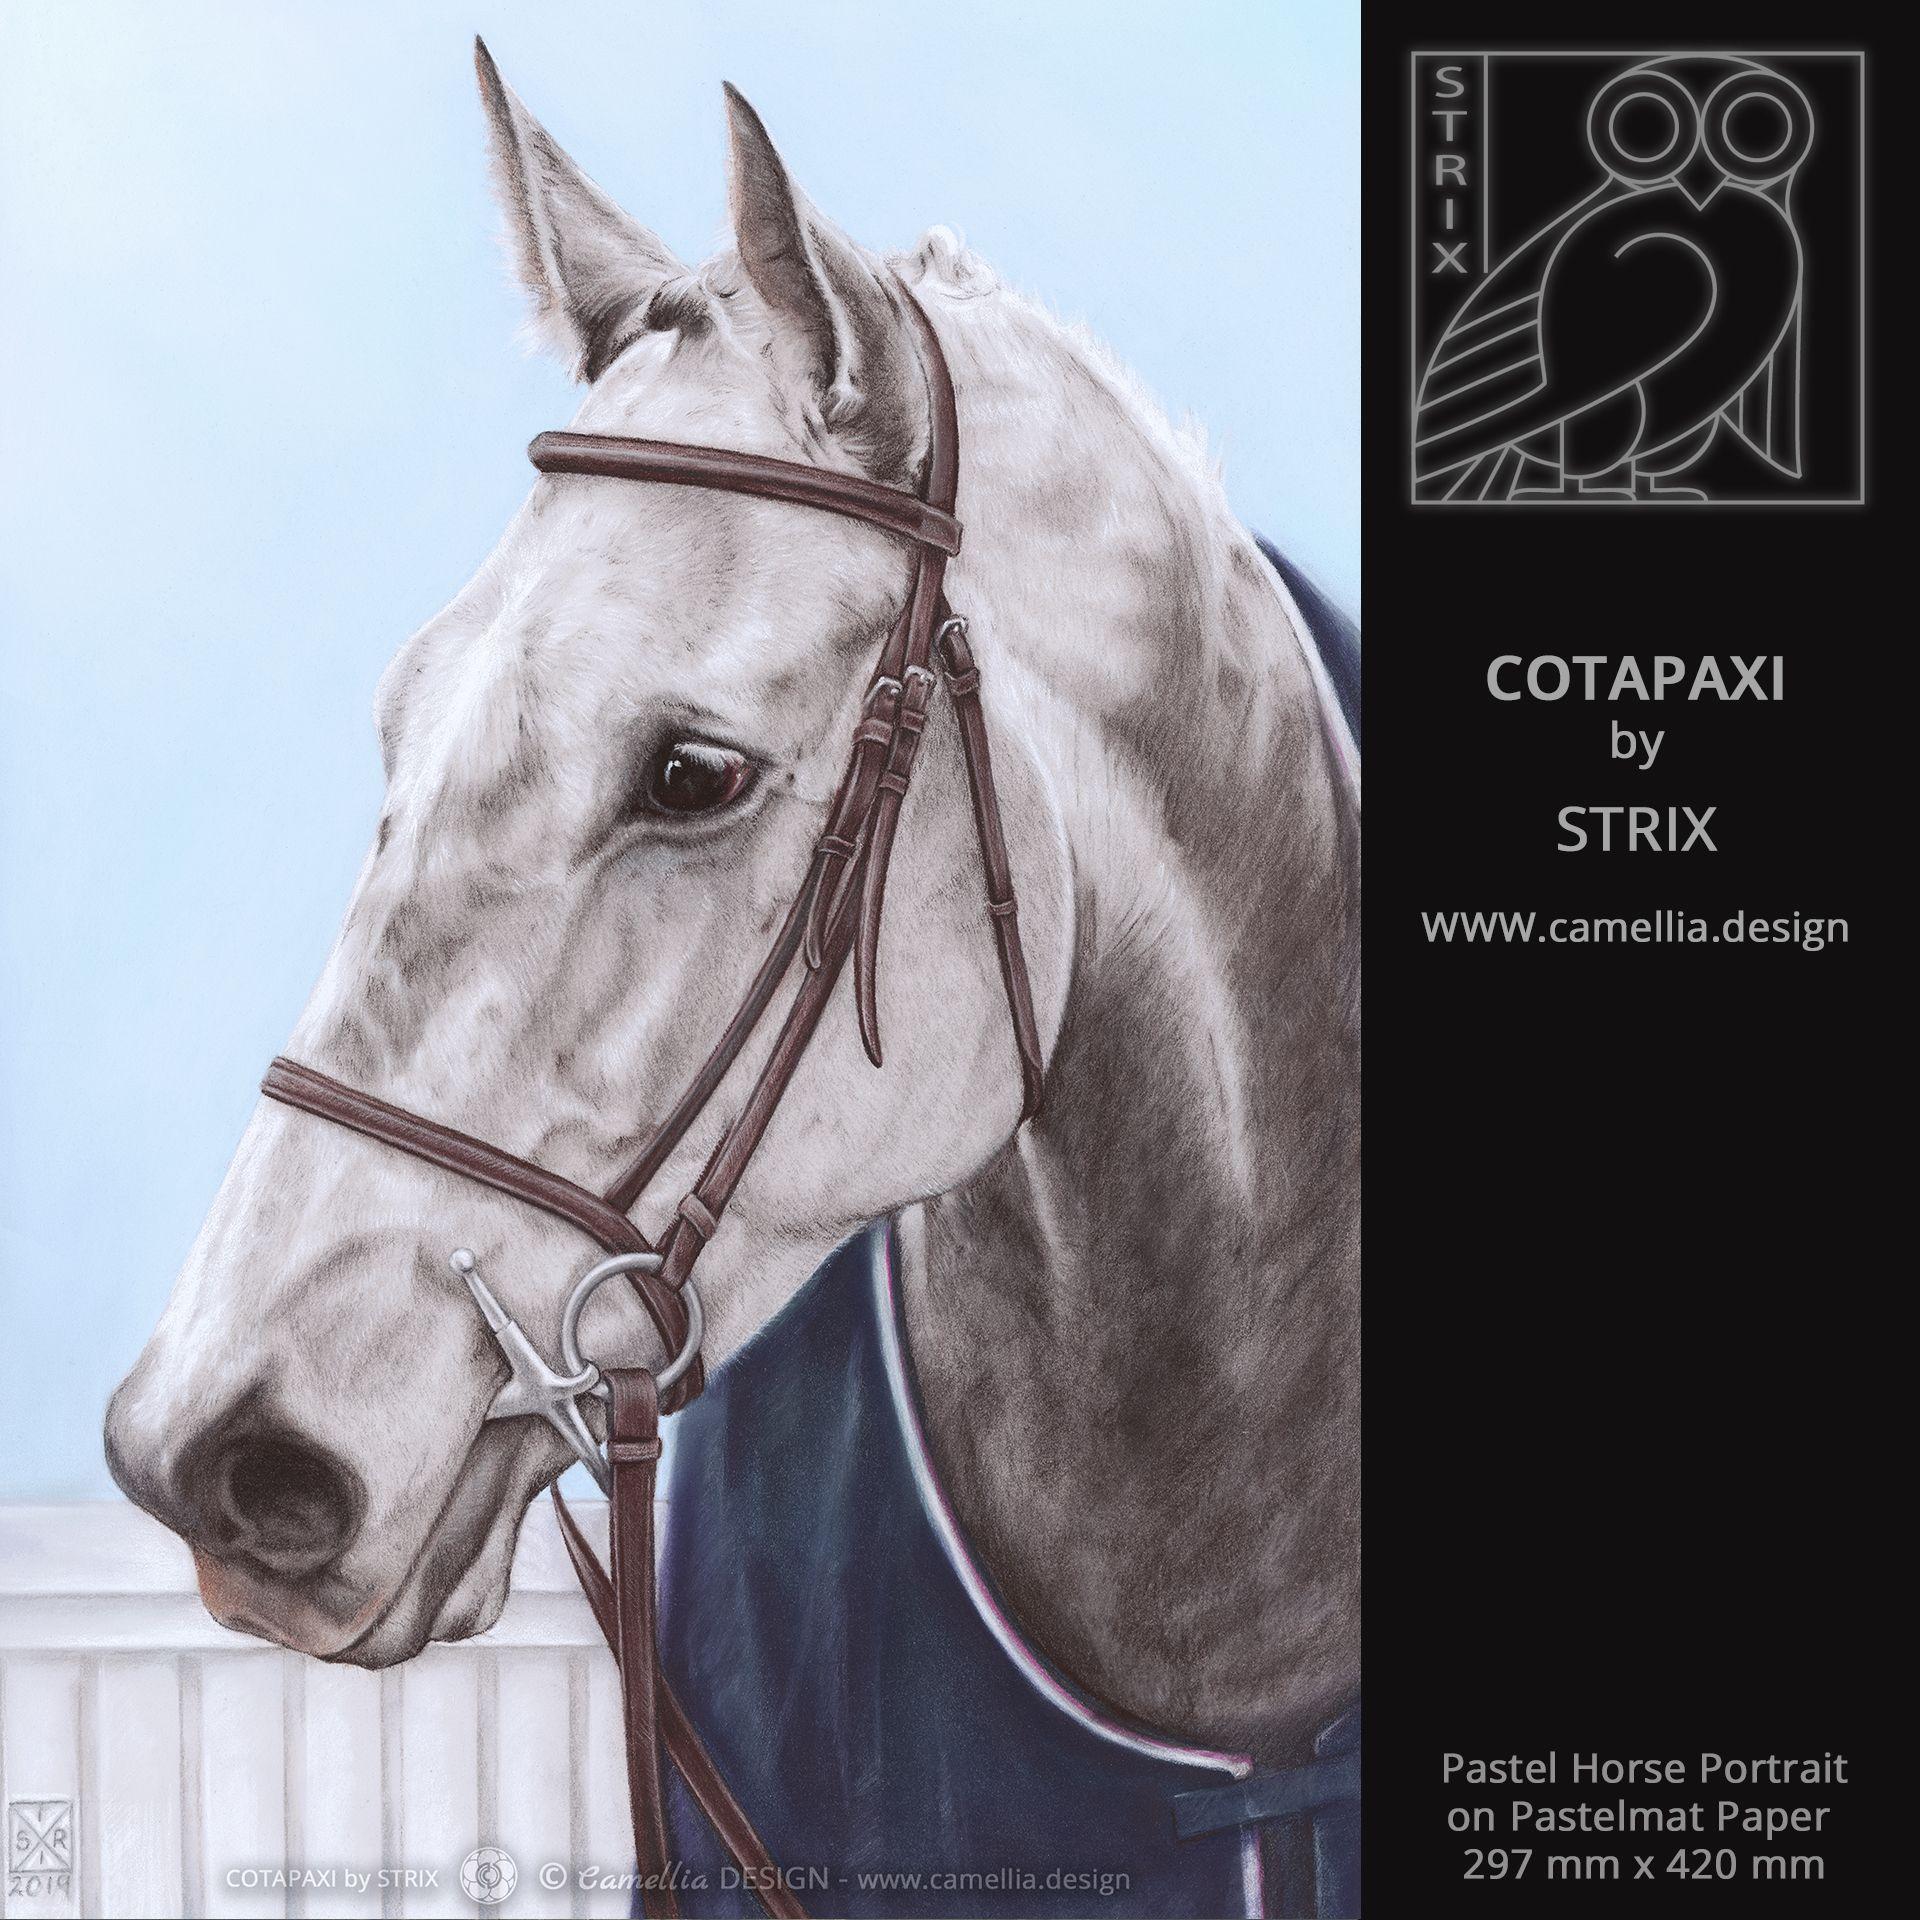 COTAPAXI